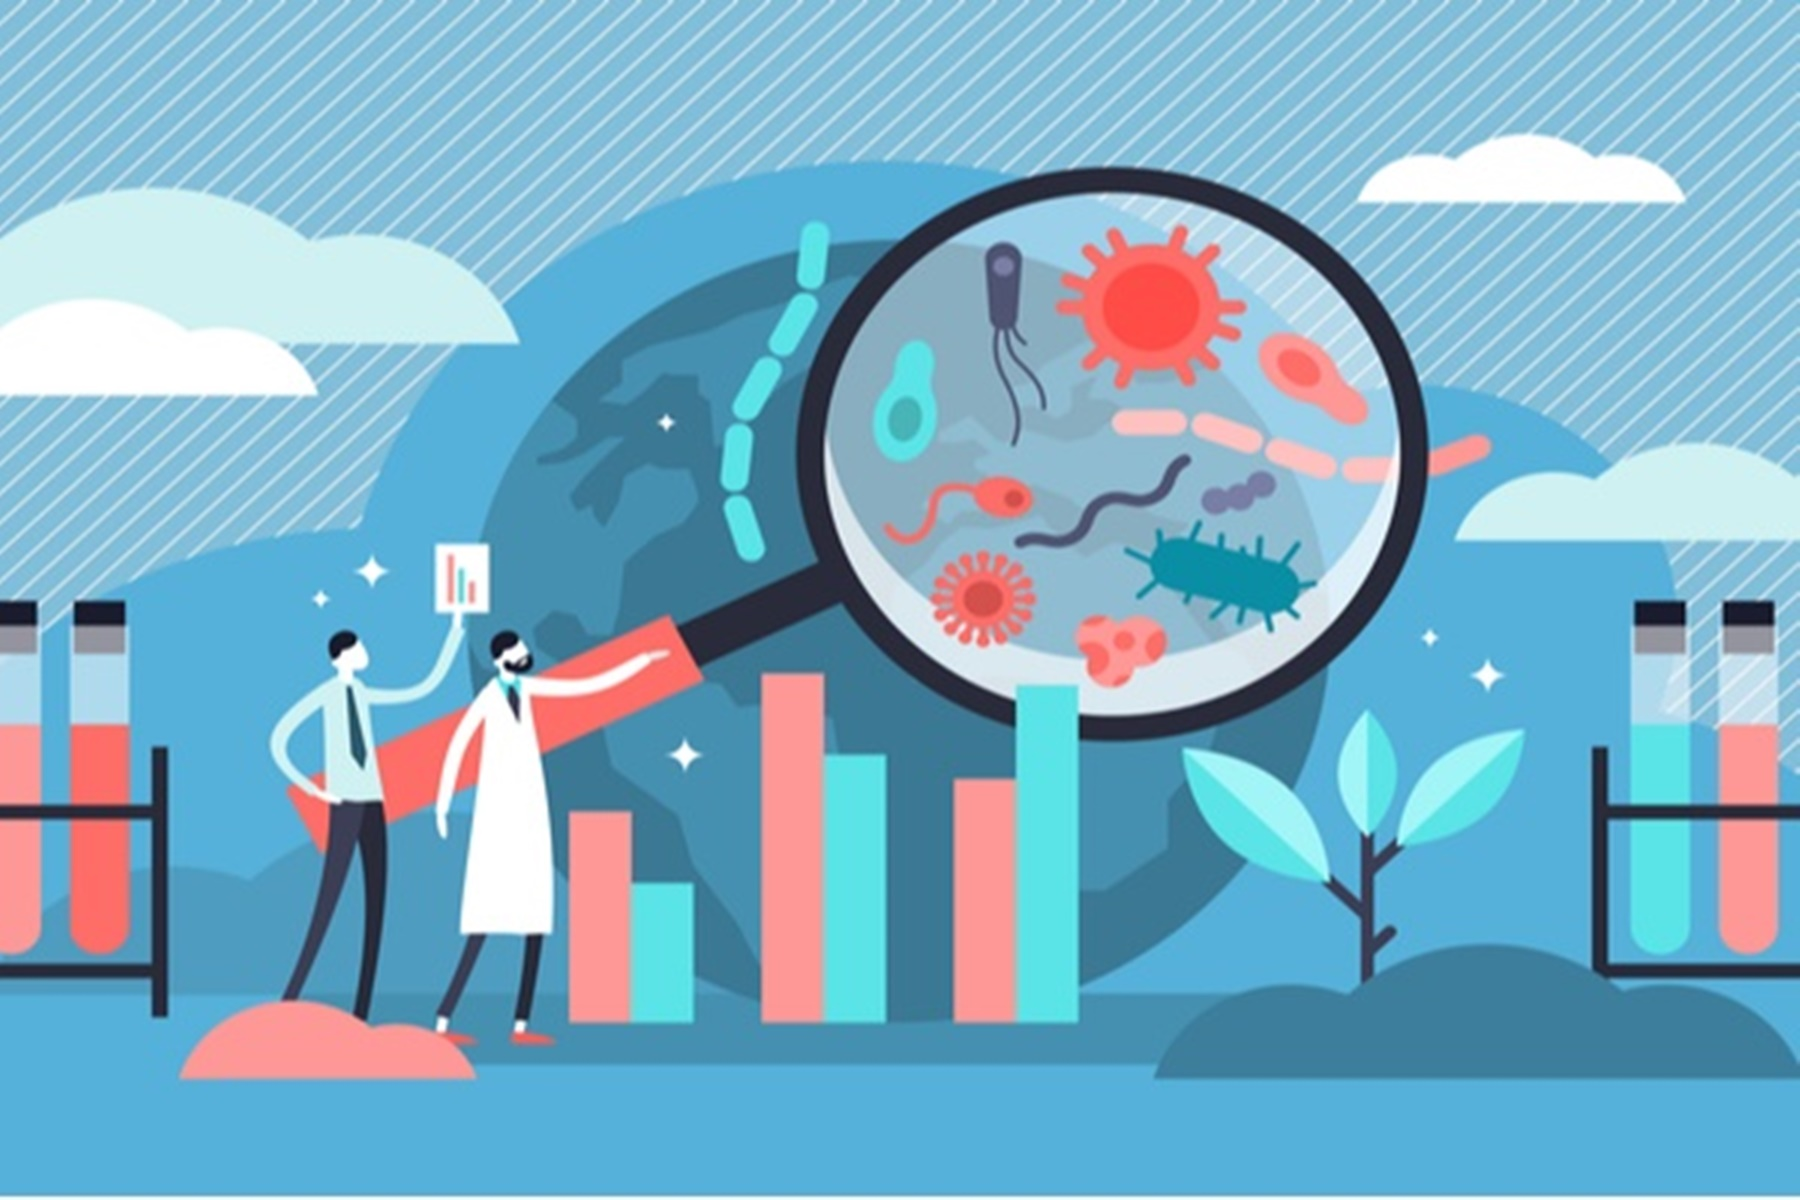 Πανδημία εξέλιξη : Προβλέψεις ειδικών για τον προσεχή χειμώνα